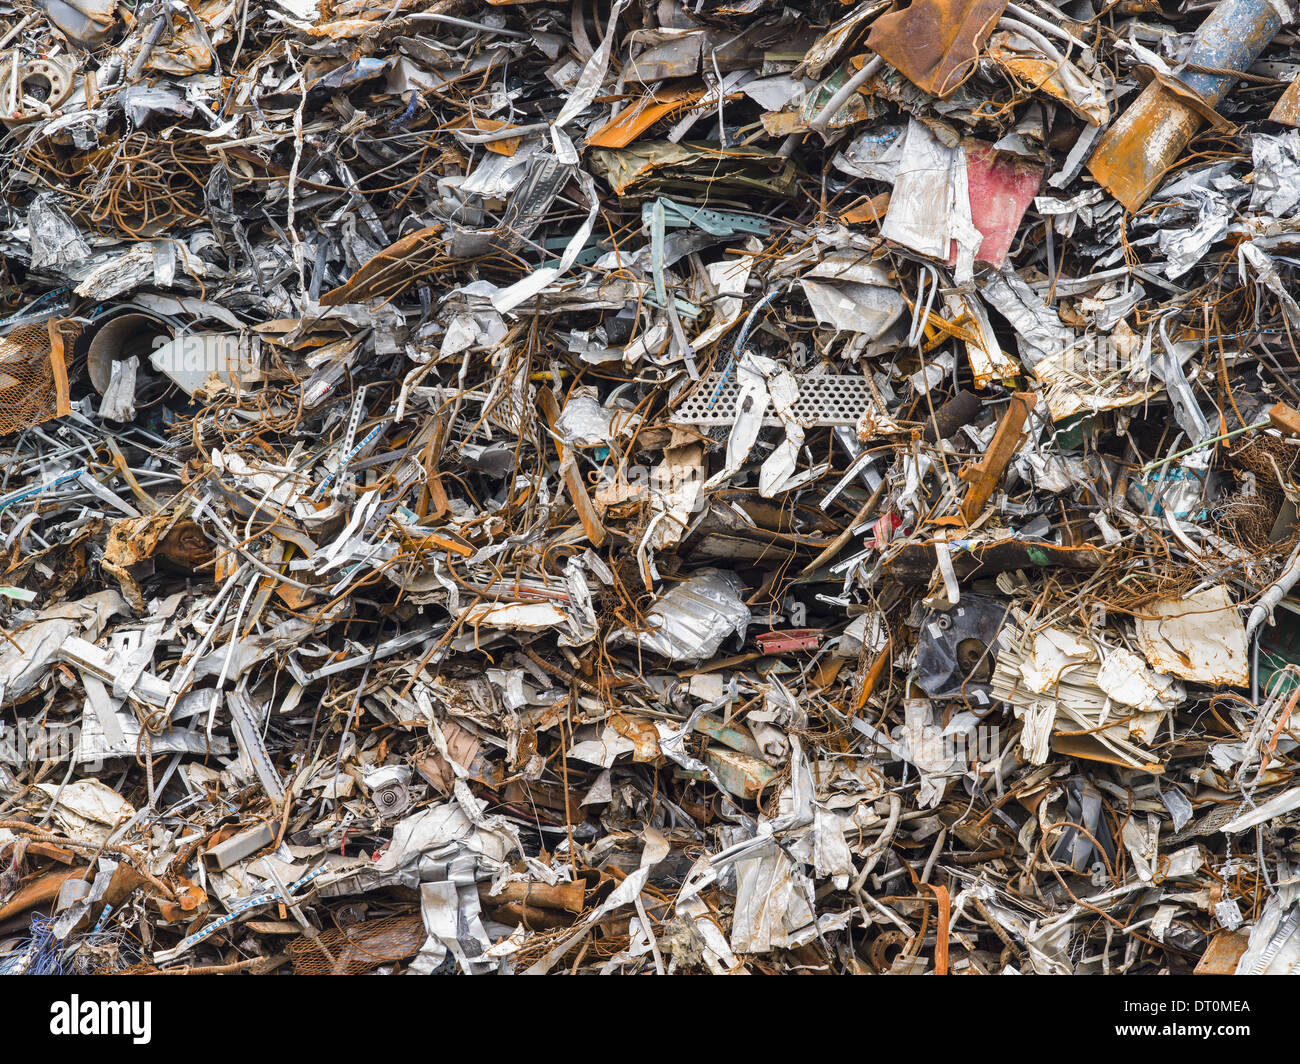 Washington Estados Unidos montón de chatarra para reciclaje Imagen De Stock